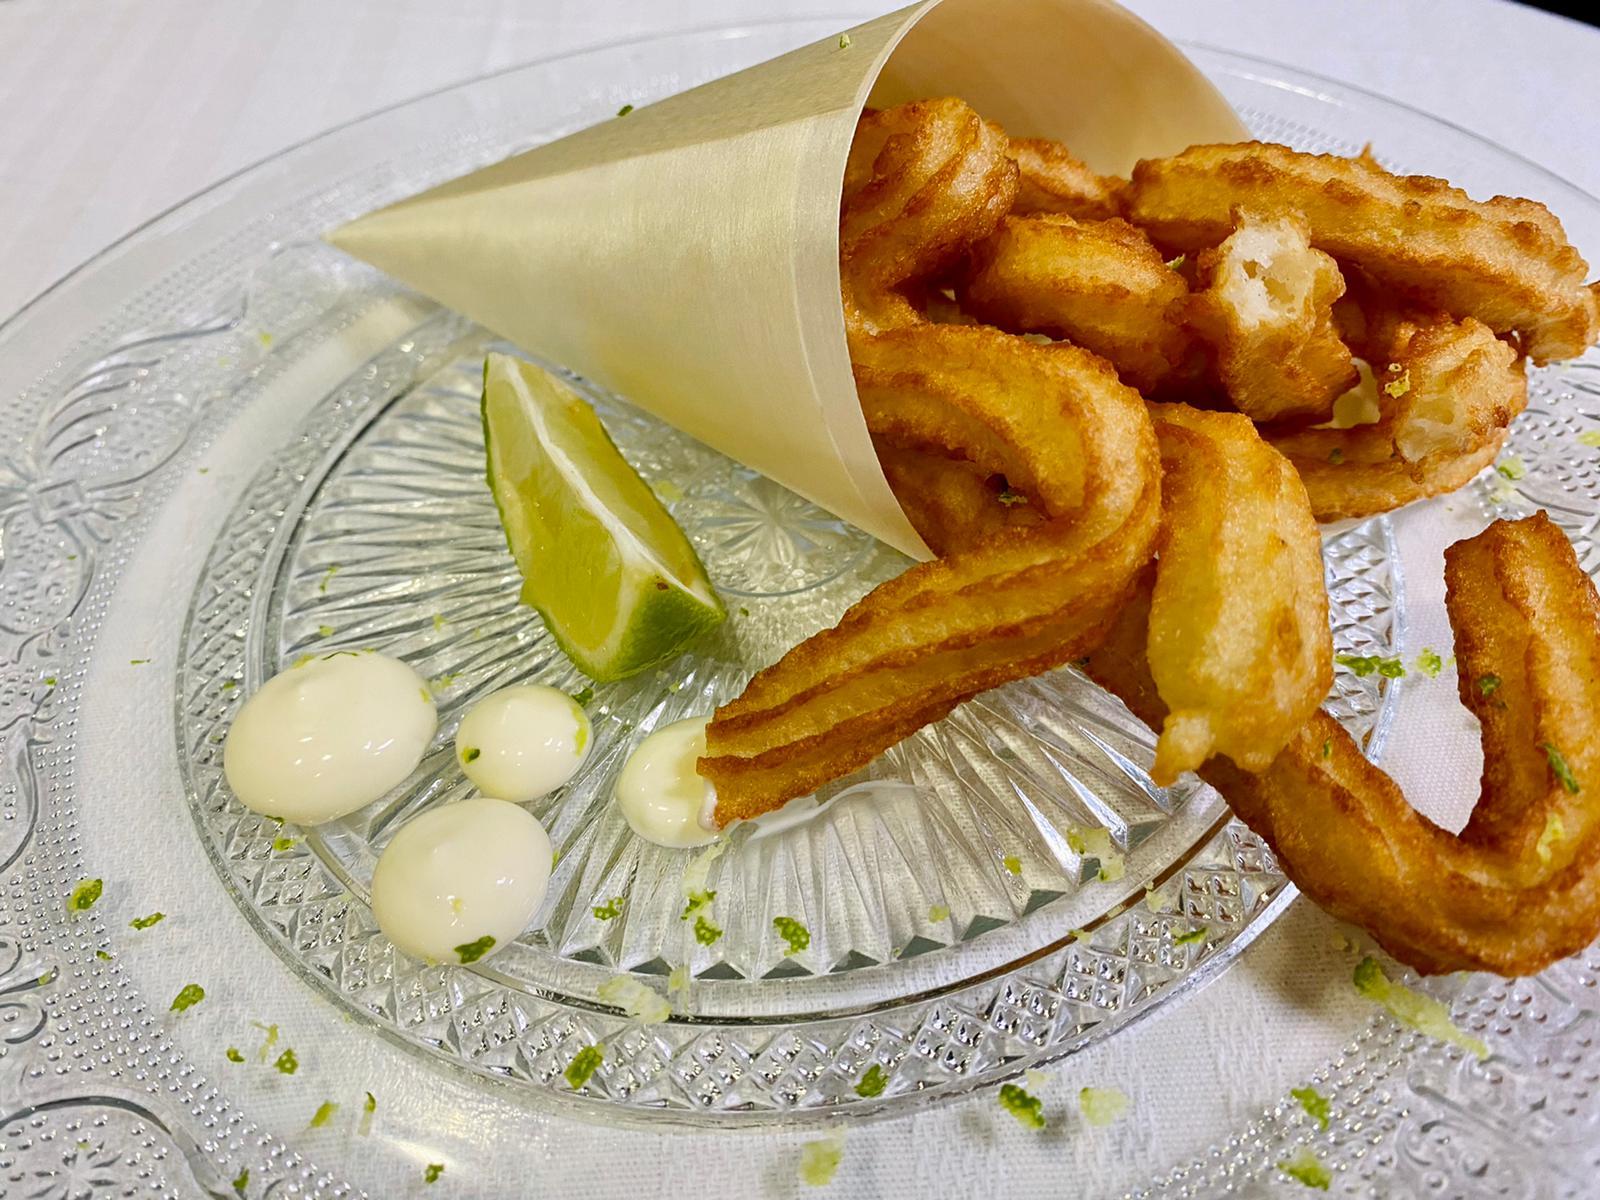 Jornadas Gastronómicas De La Sal y El Estero | Bar Gonzalo - Tapa 2020